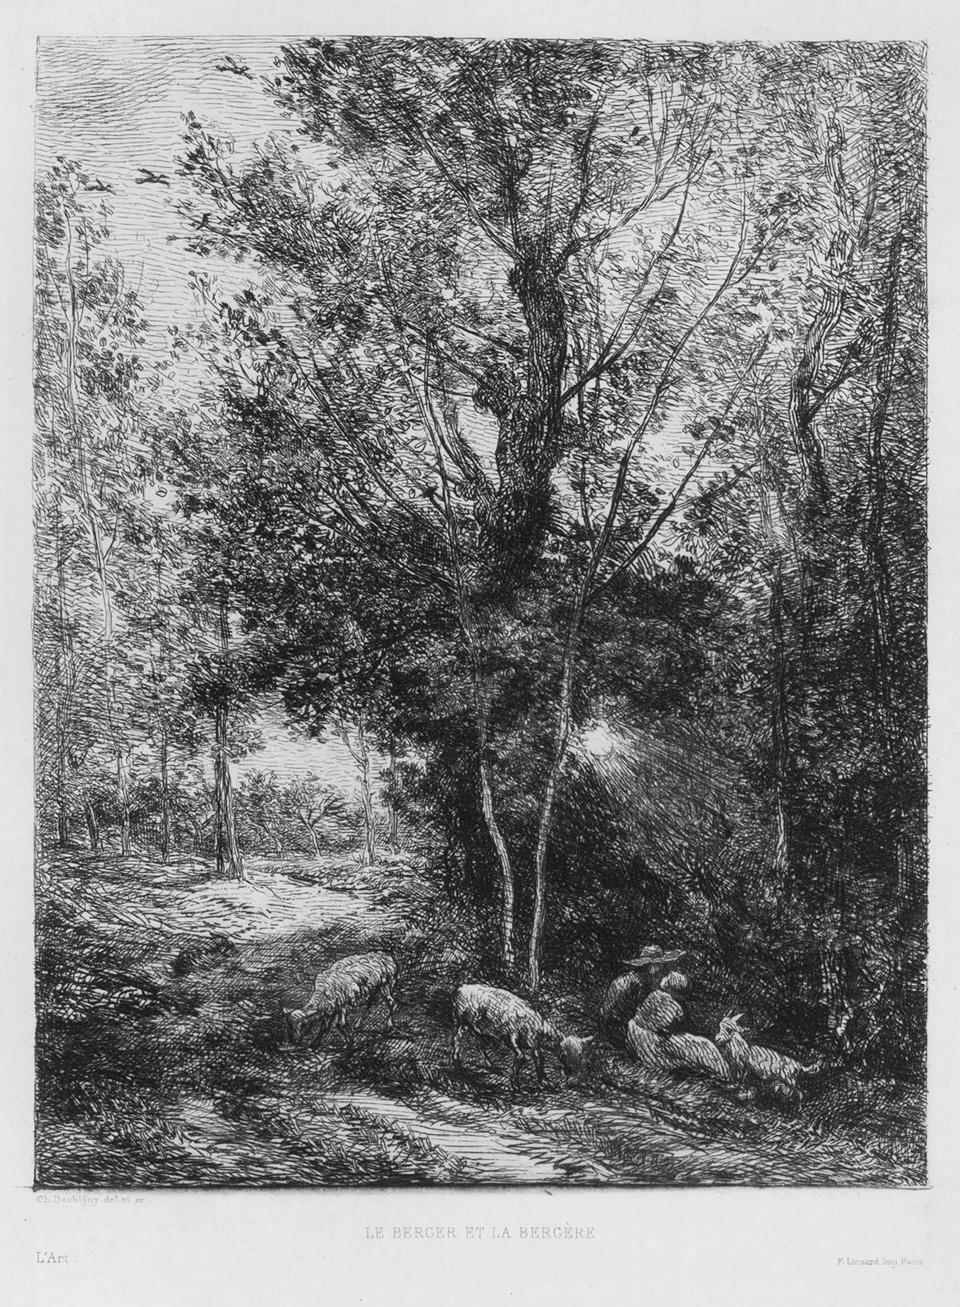 Le Berger et la Bergère ( The Shepherd and the Shepherdess)